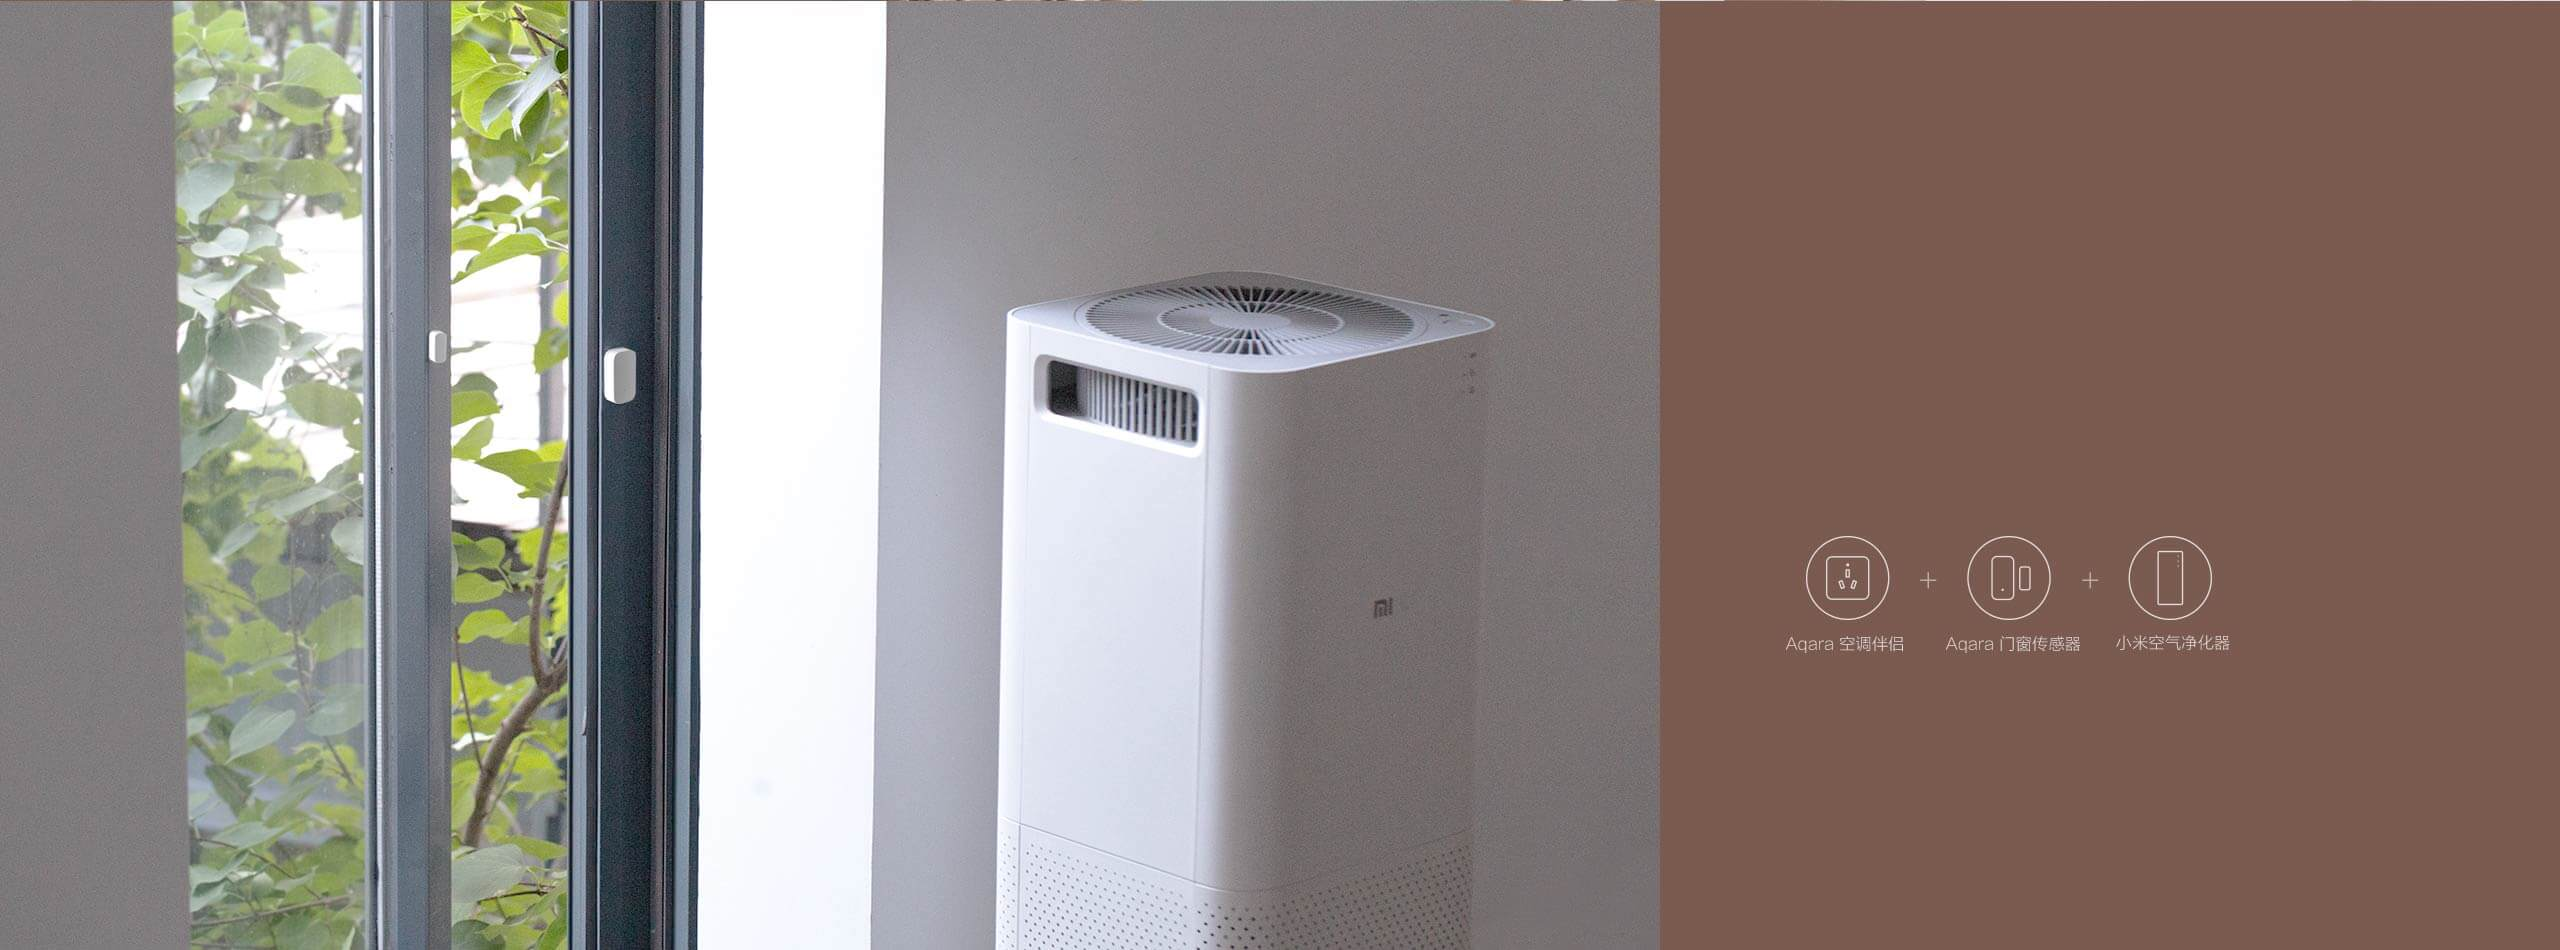 Aqara 门窗传感器 - 开窗换气